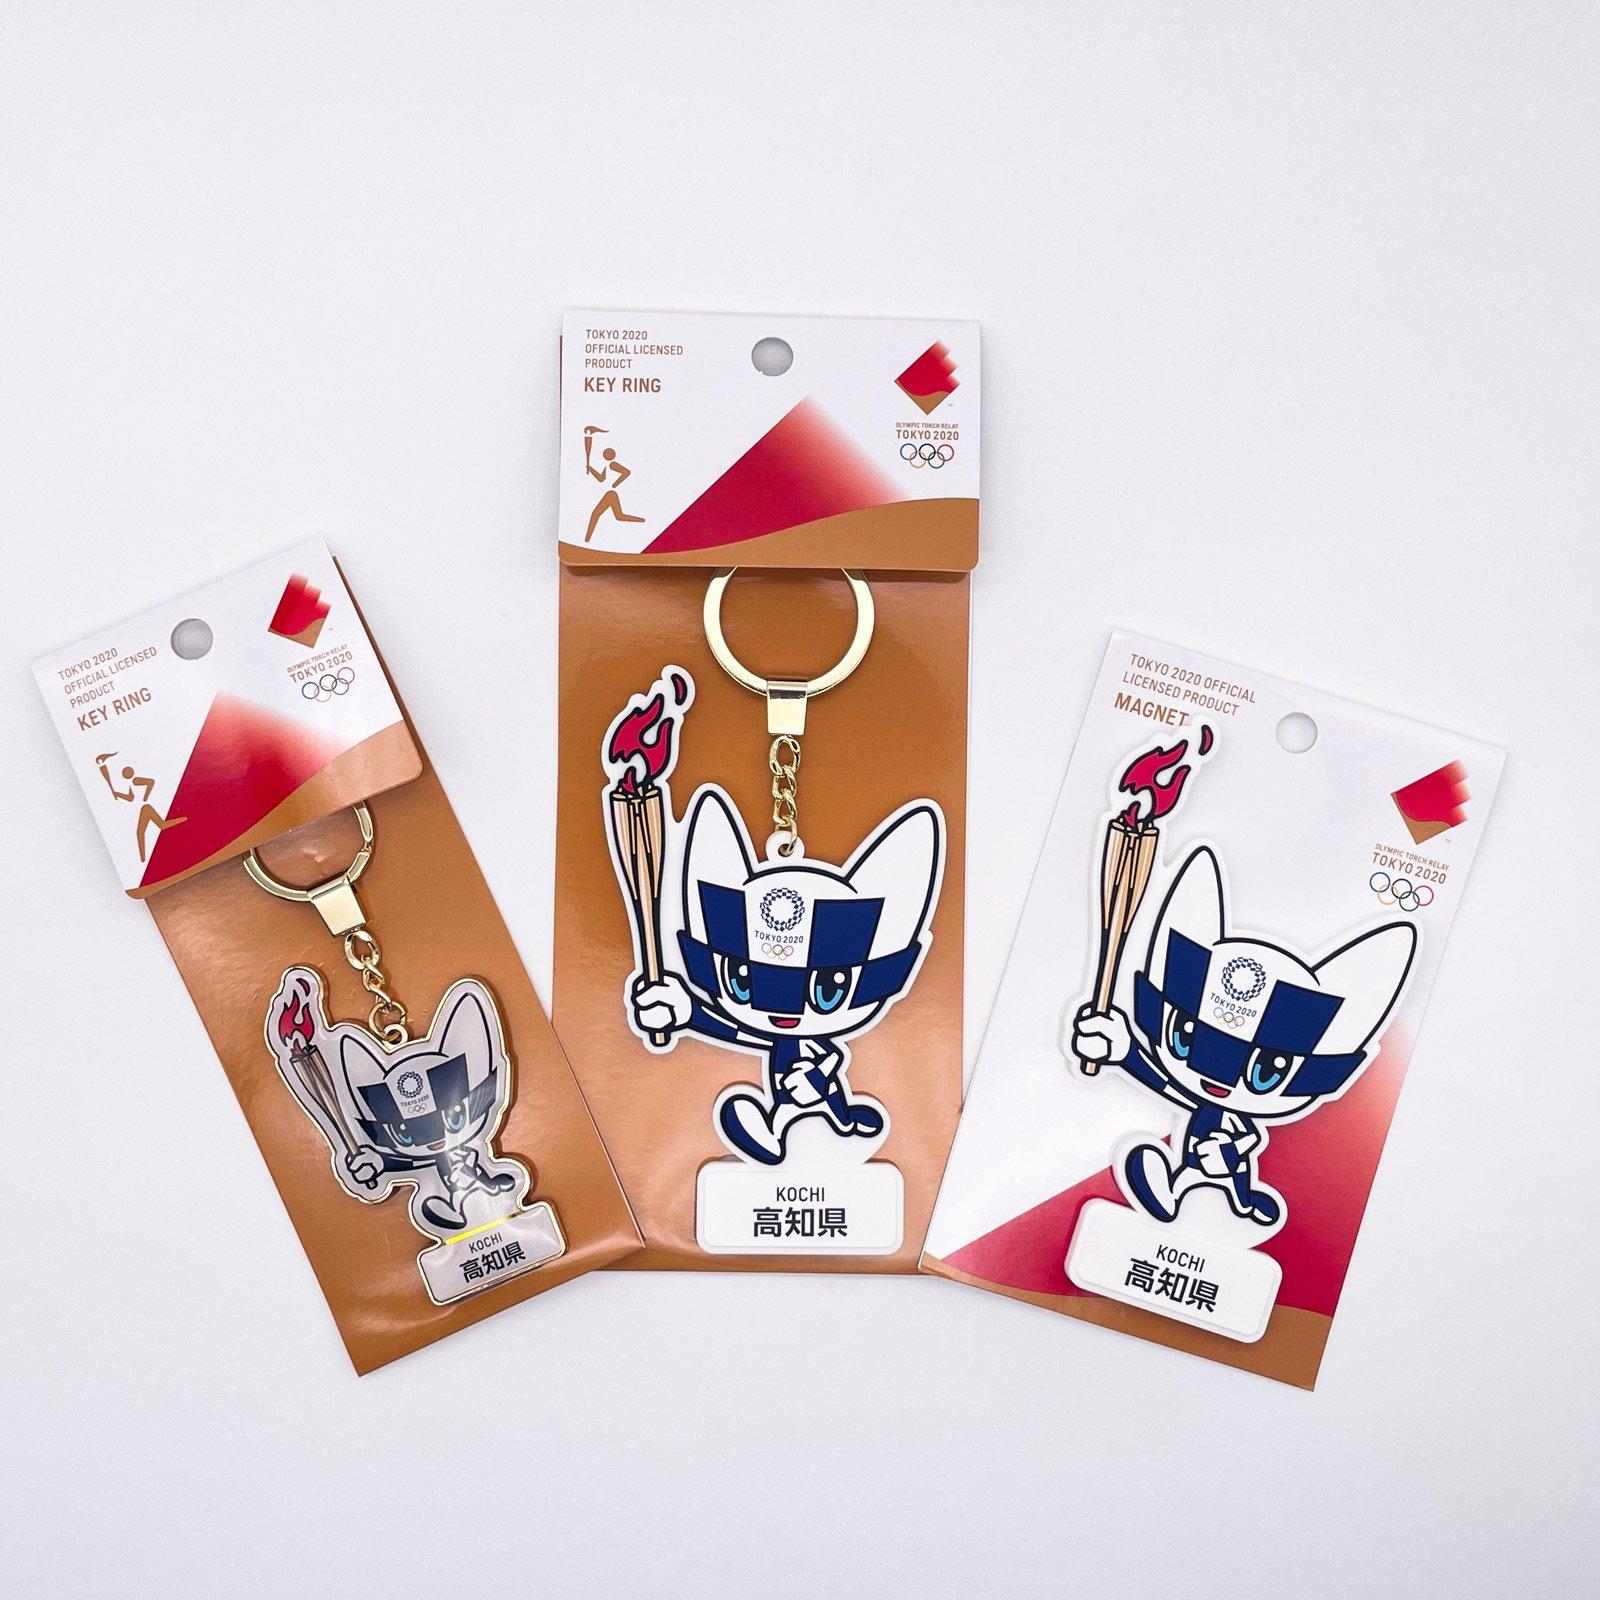 【セール価格】【お得なセット】東京2020オリンピック聖火リレーマスコット商品:高知県セット